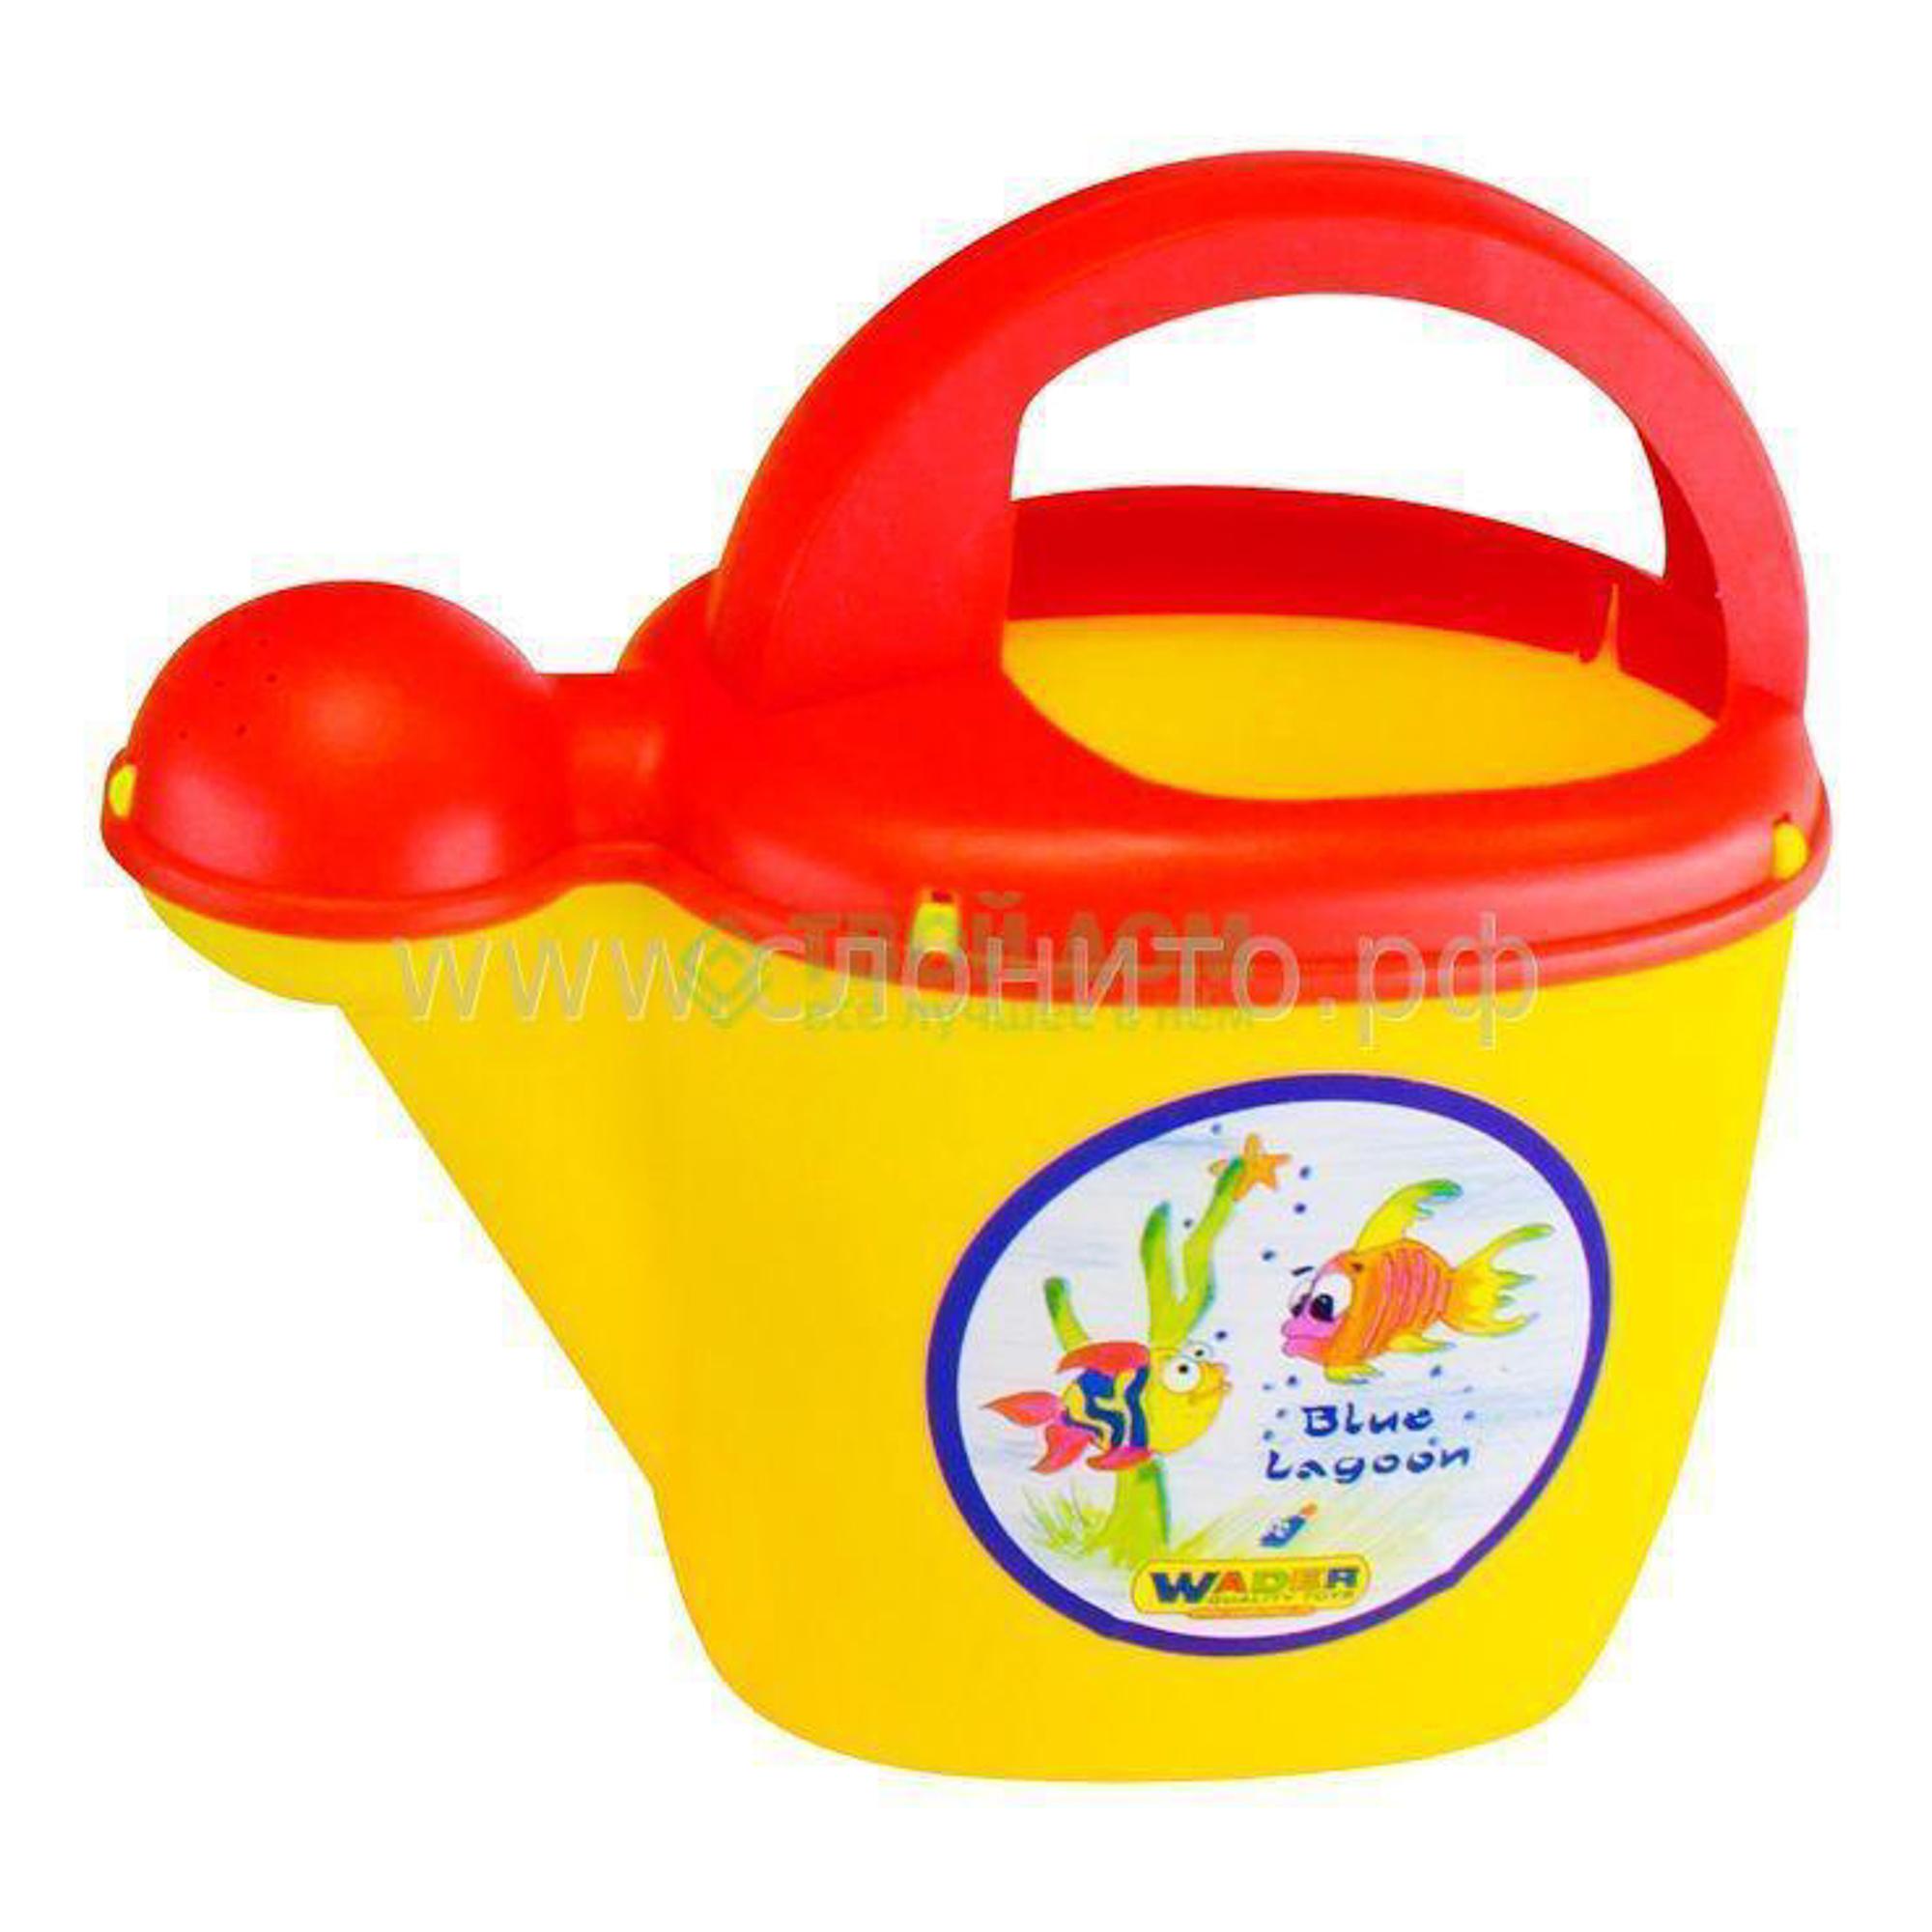 Купить Wader Лейка №10, Беларусь, красный, желтый, дерево, пластик, Игрушки для улицы и песочниц